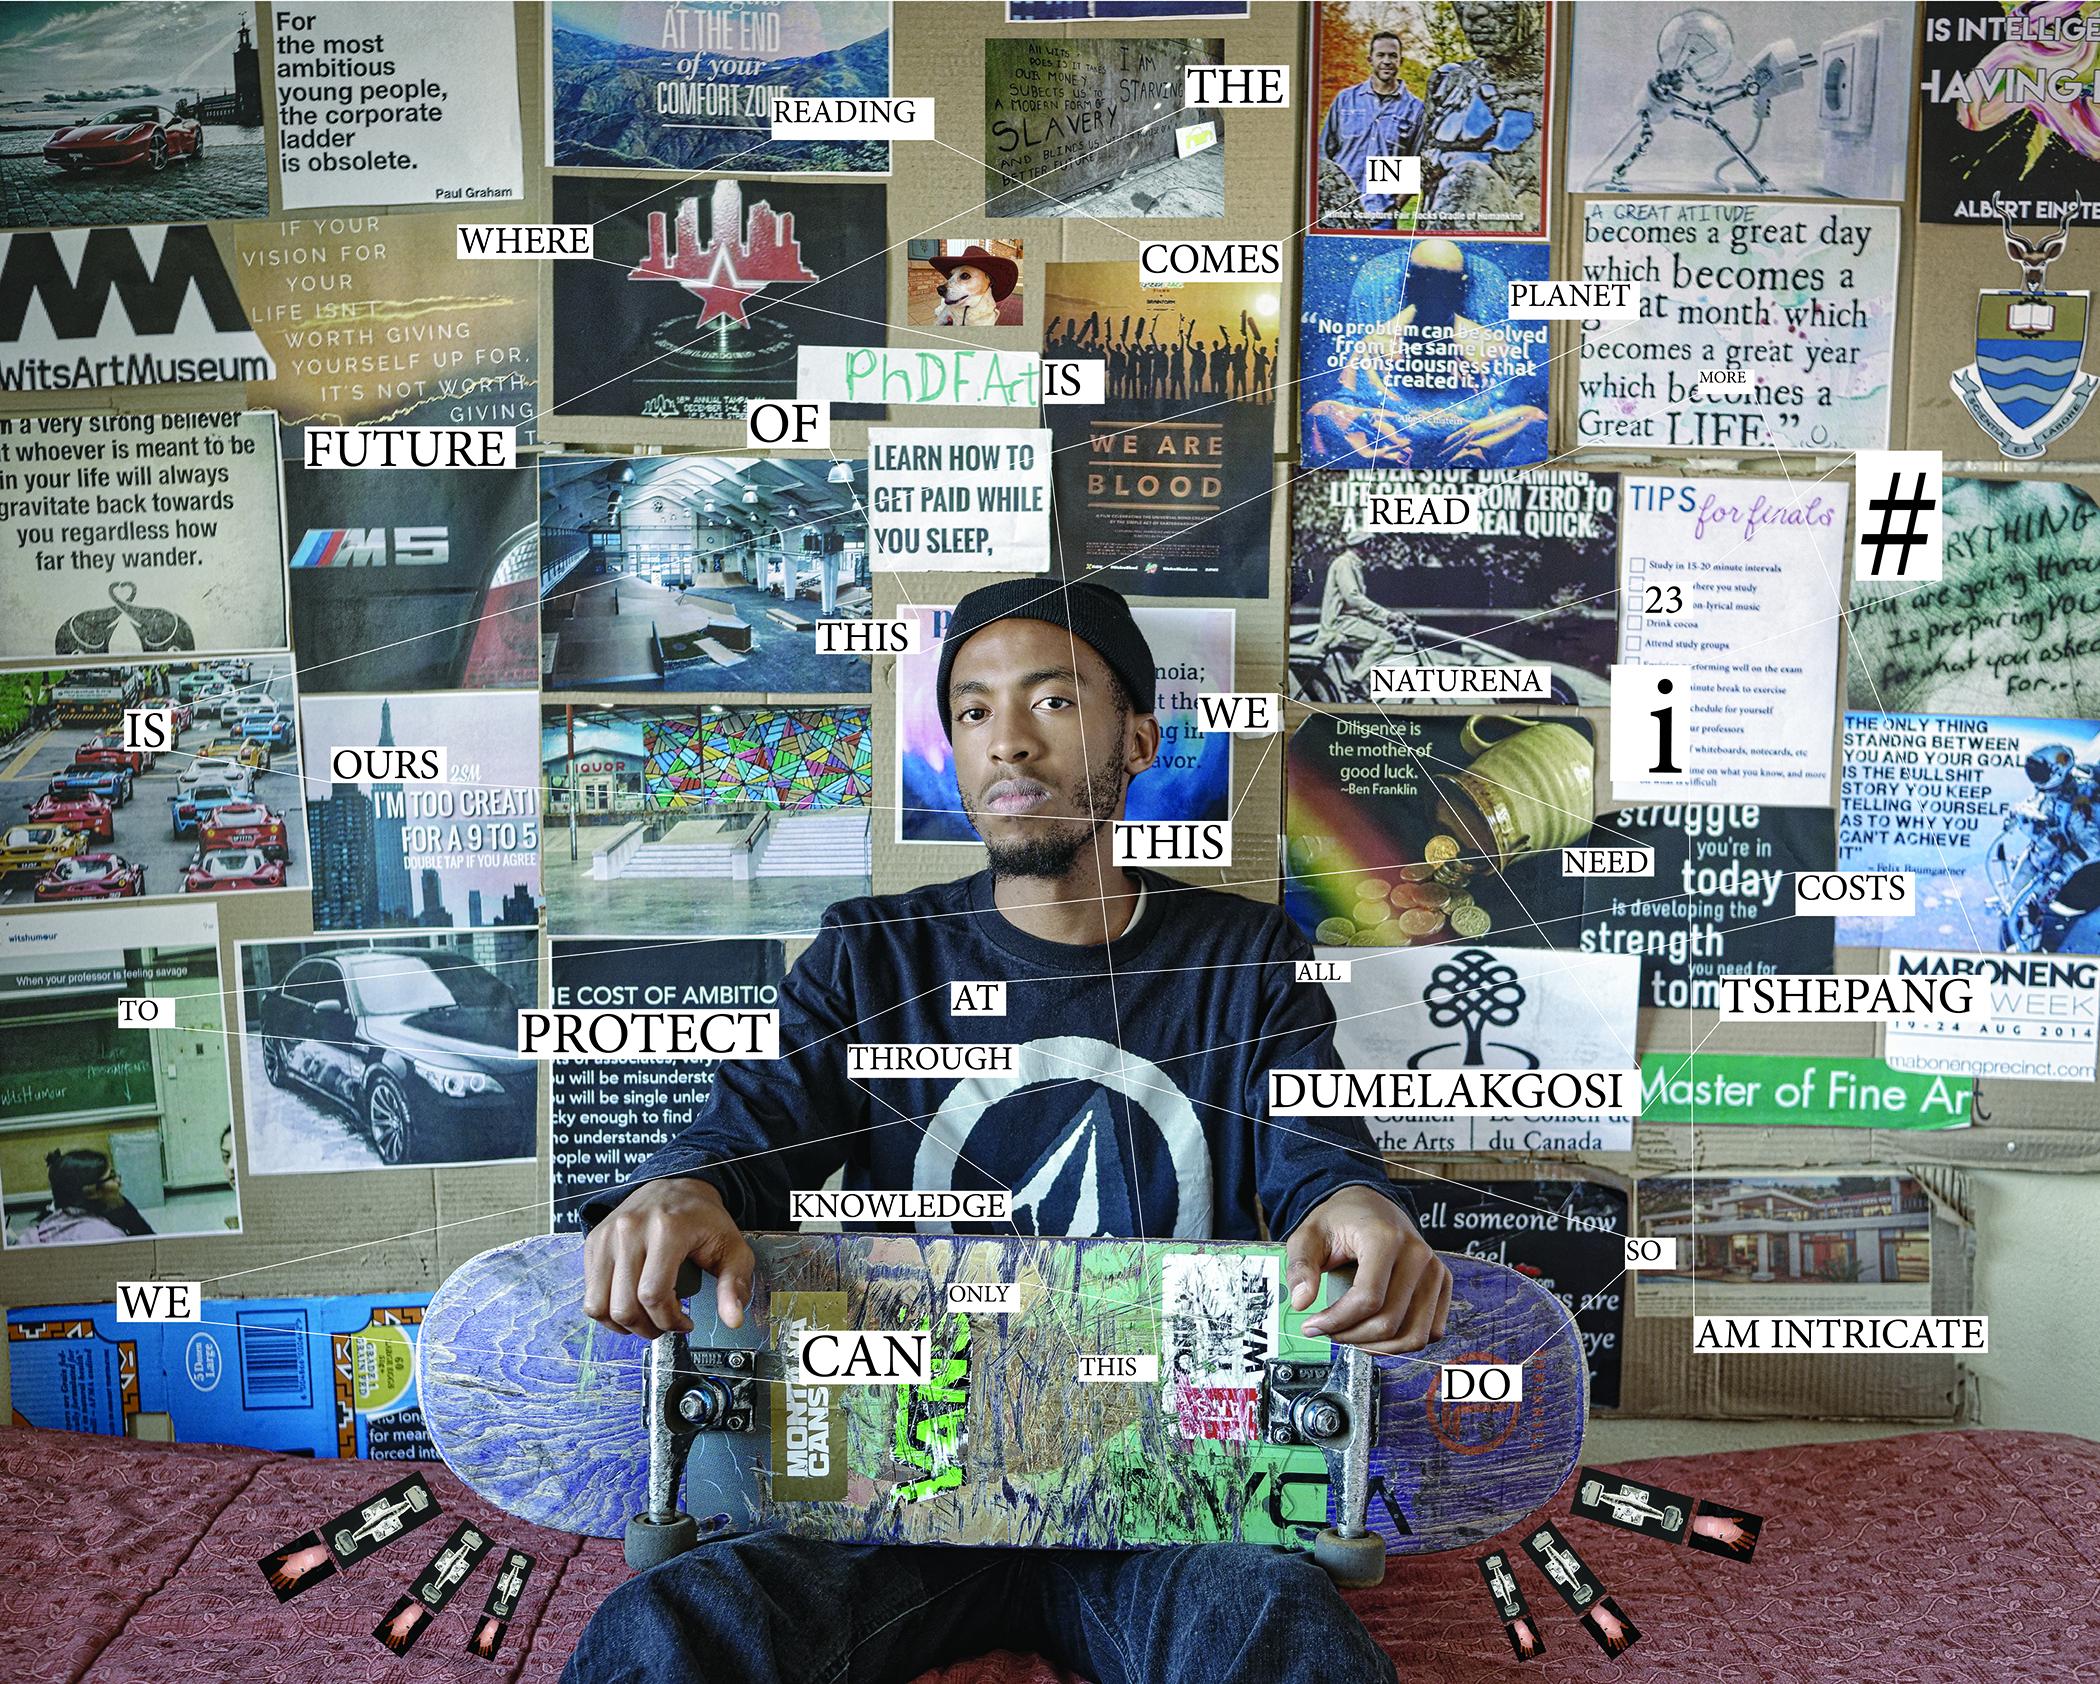 12e édition des Rencontres de Bamako – Biennale africaine de la photographie : Jodi Bieber, #I (Tshepang Dumelakgosi), 2016-2017. Courtesy of the artist